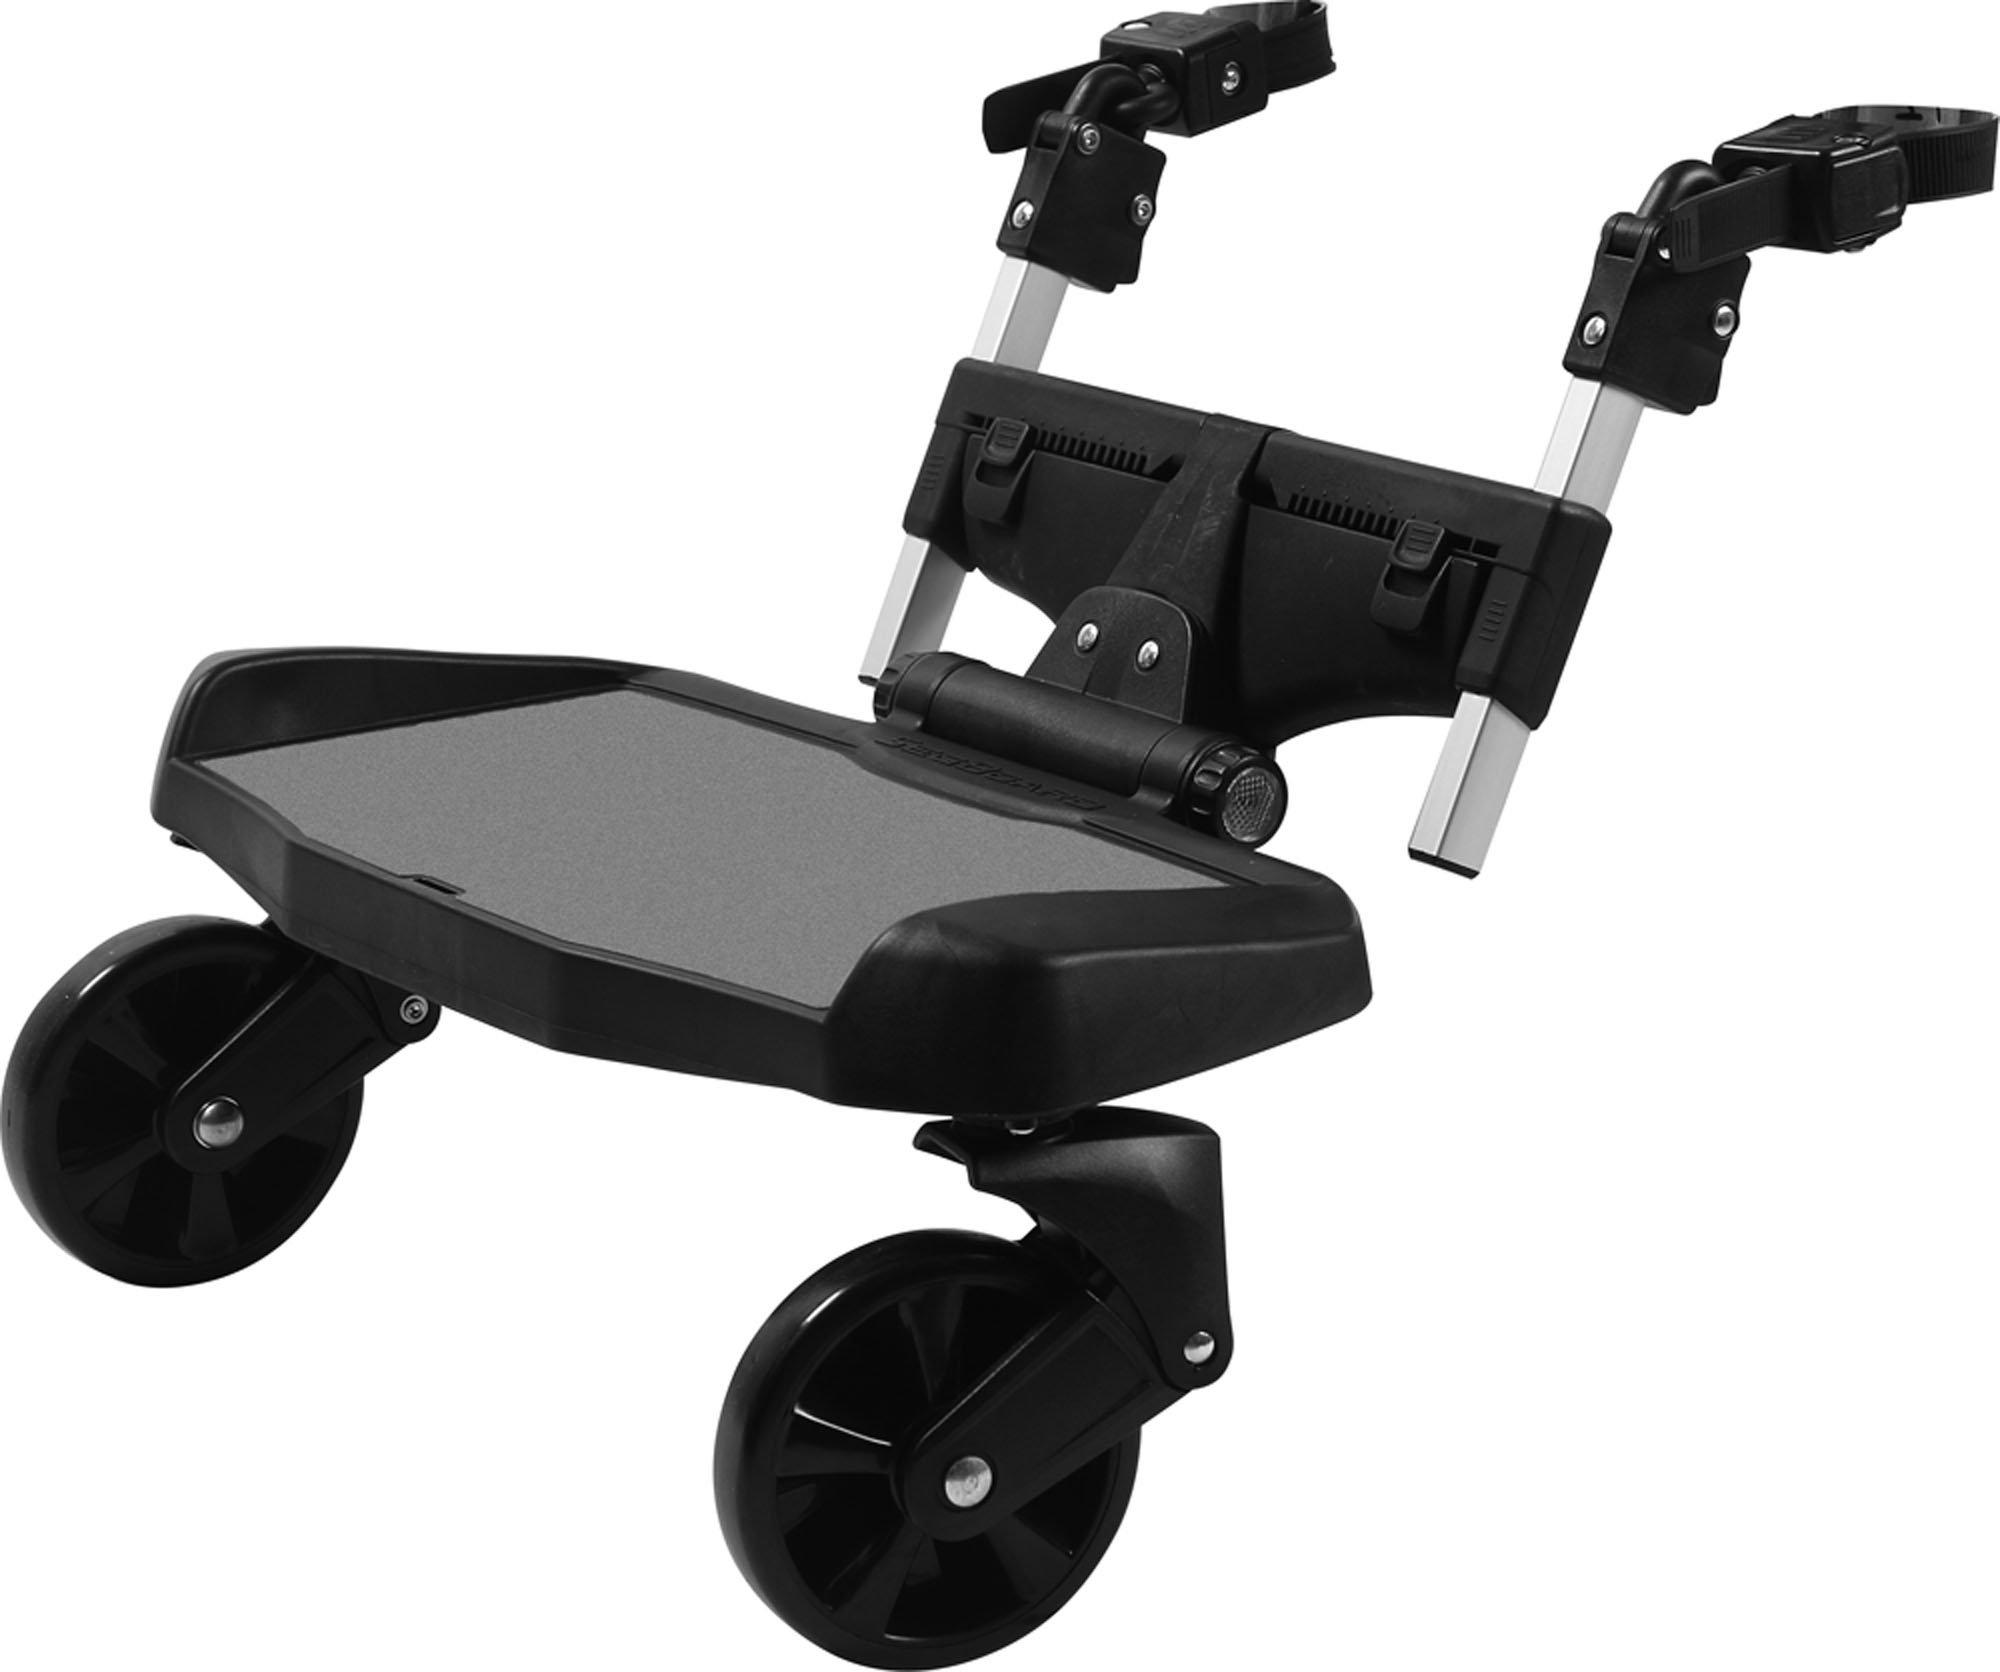 guzzie+Guss Hitch Ride-On Stroller Board, Black